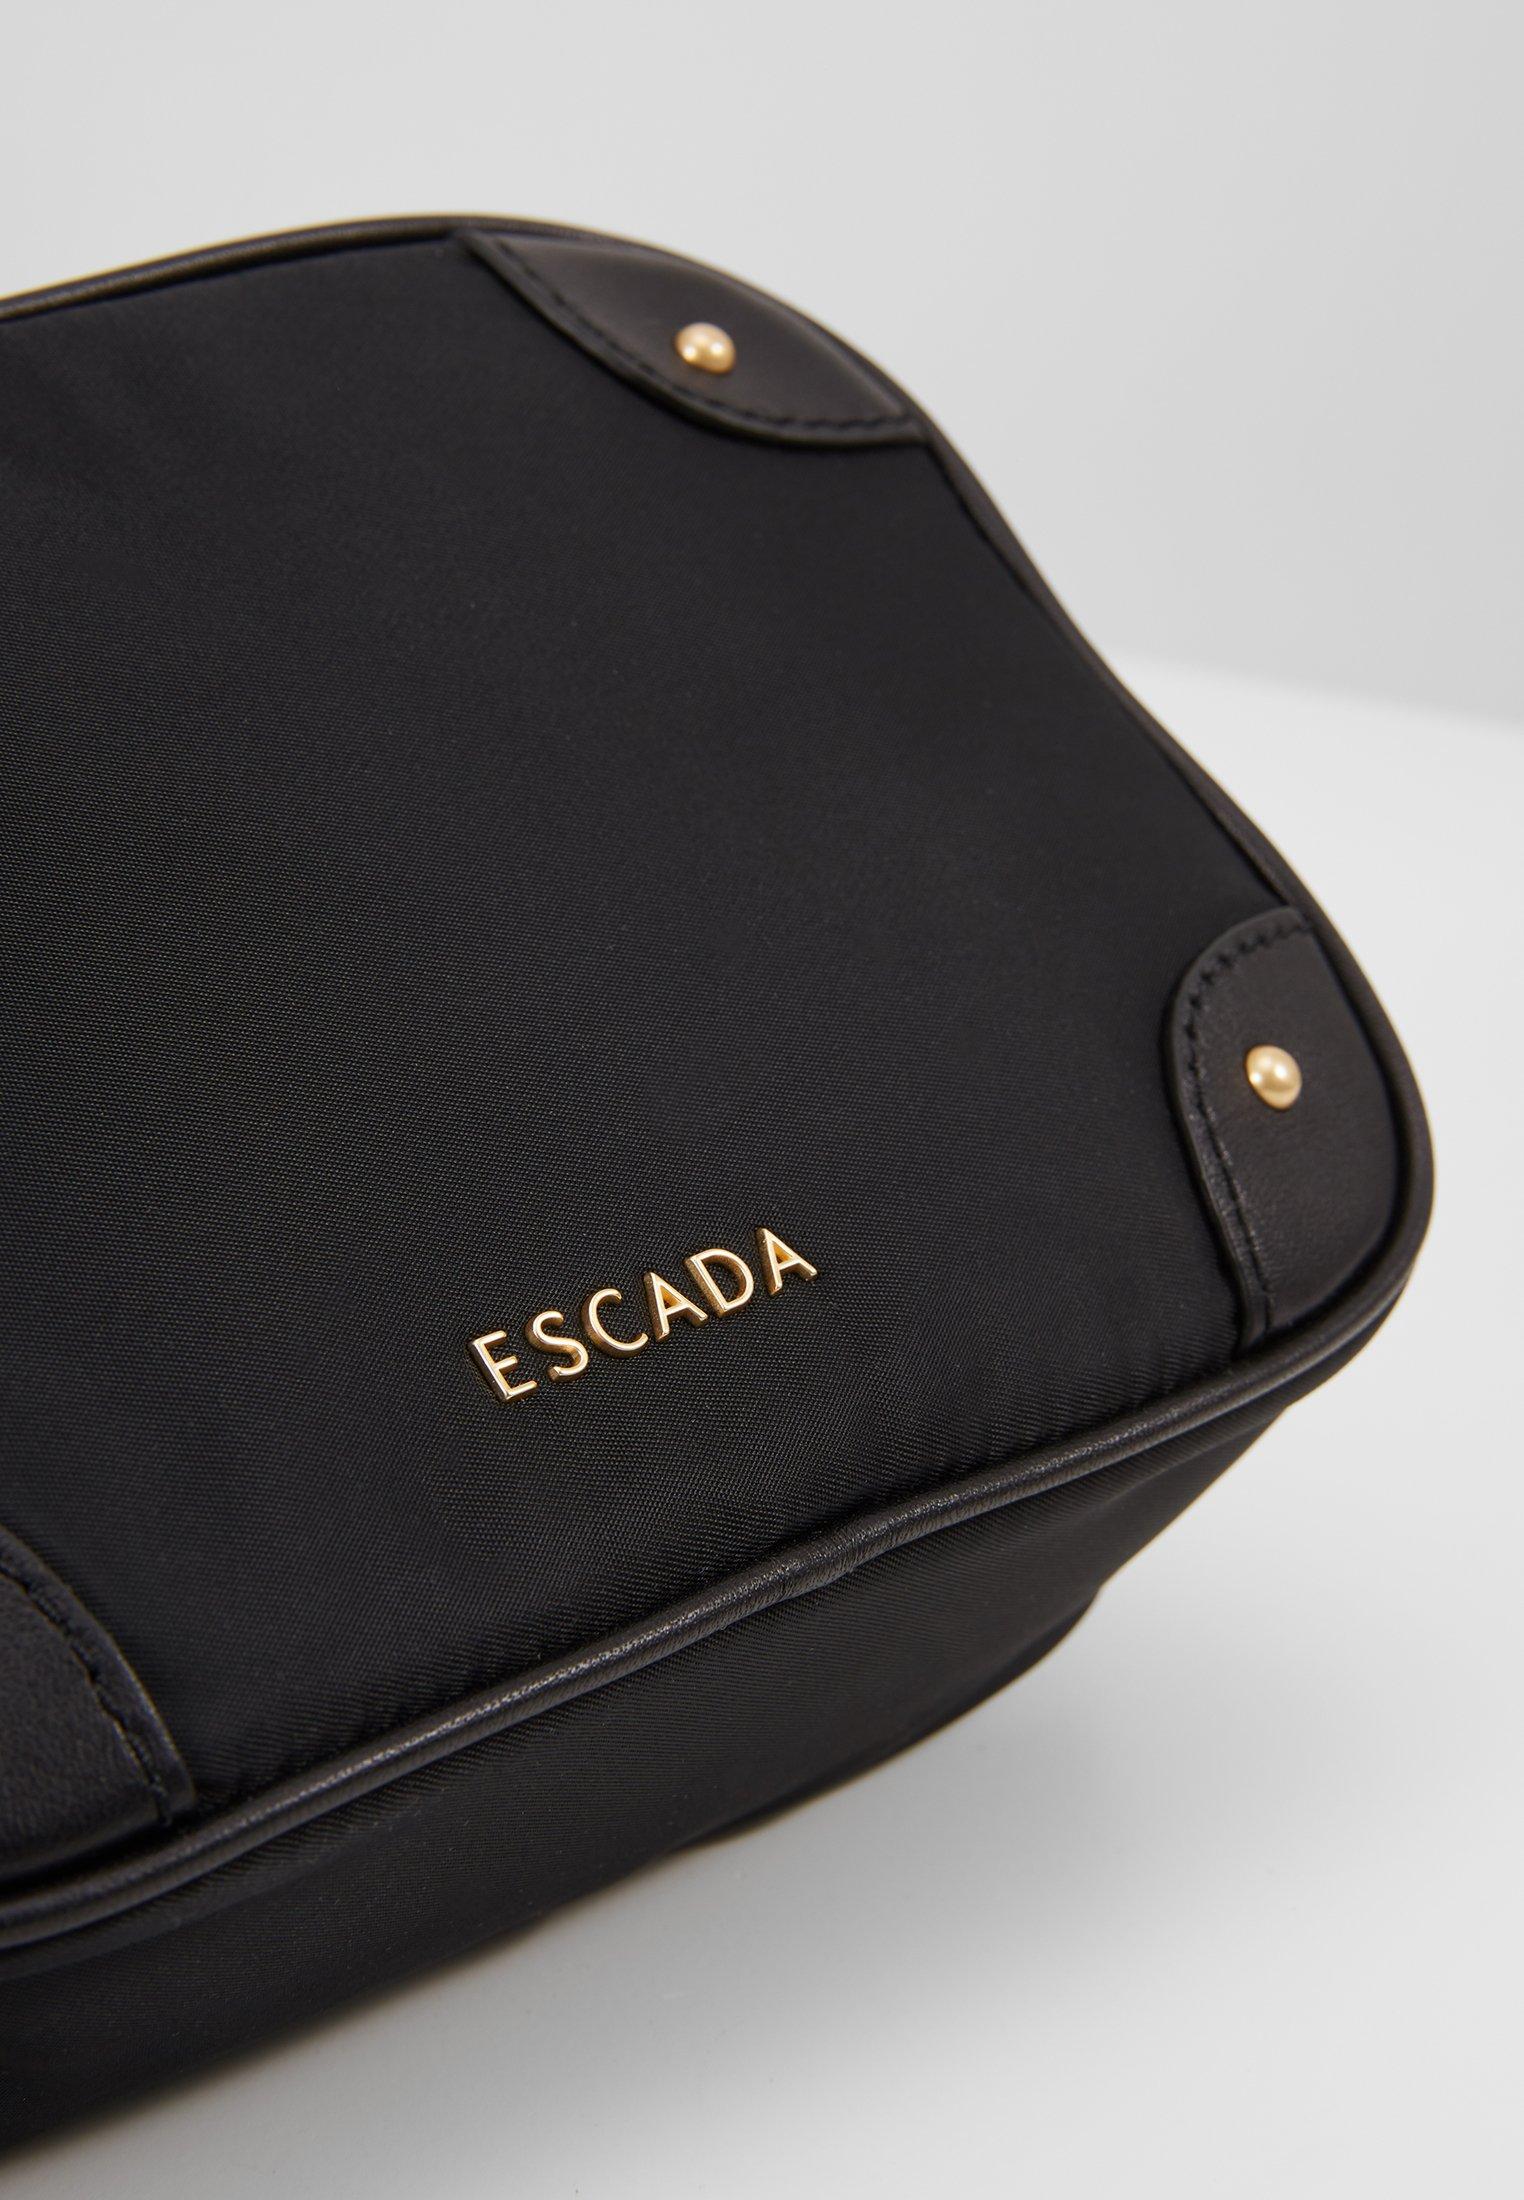 Escada Sport Sac Bandoulière - Black